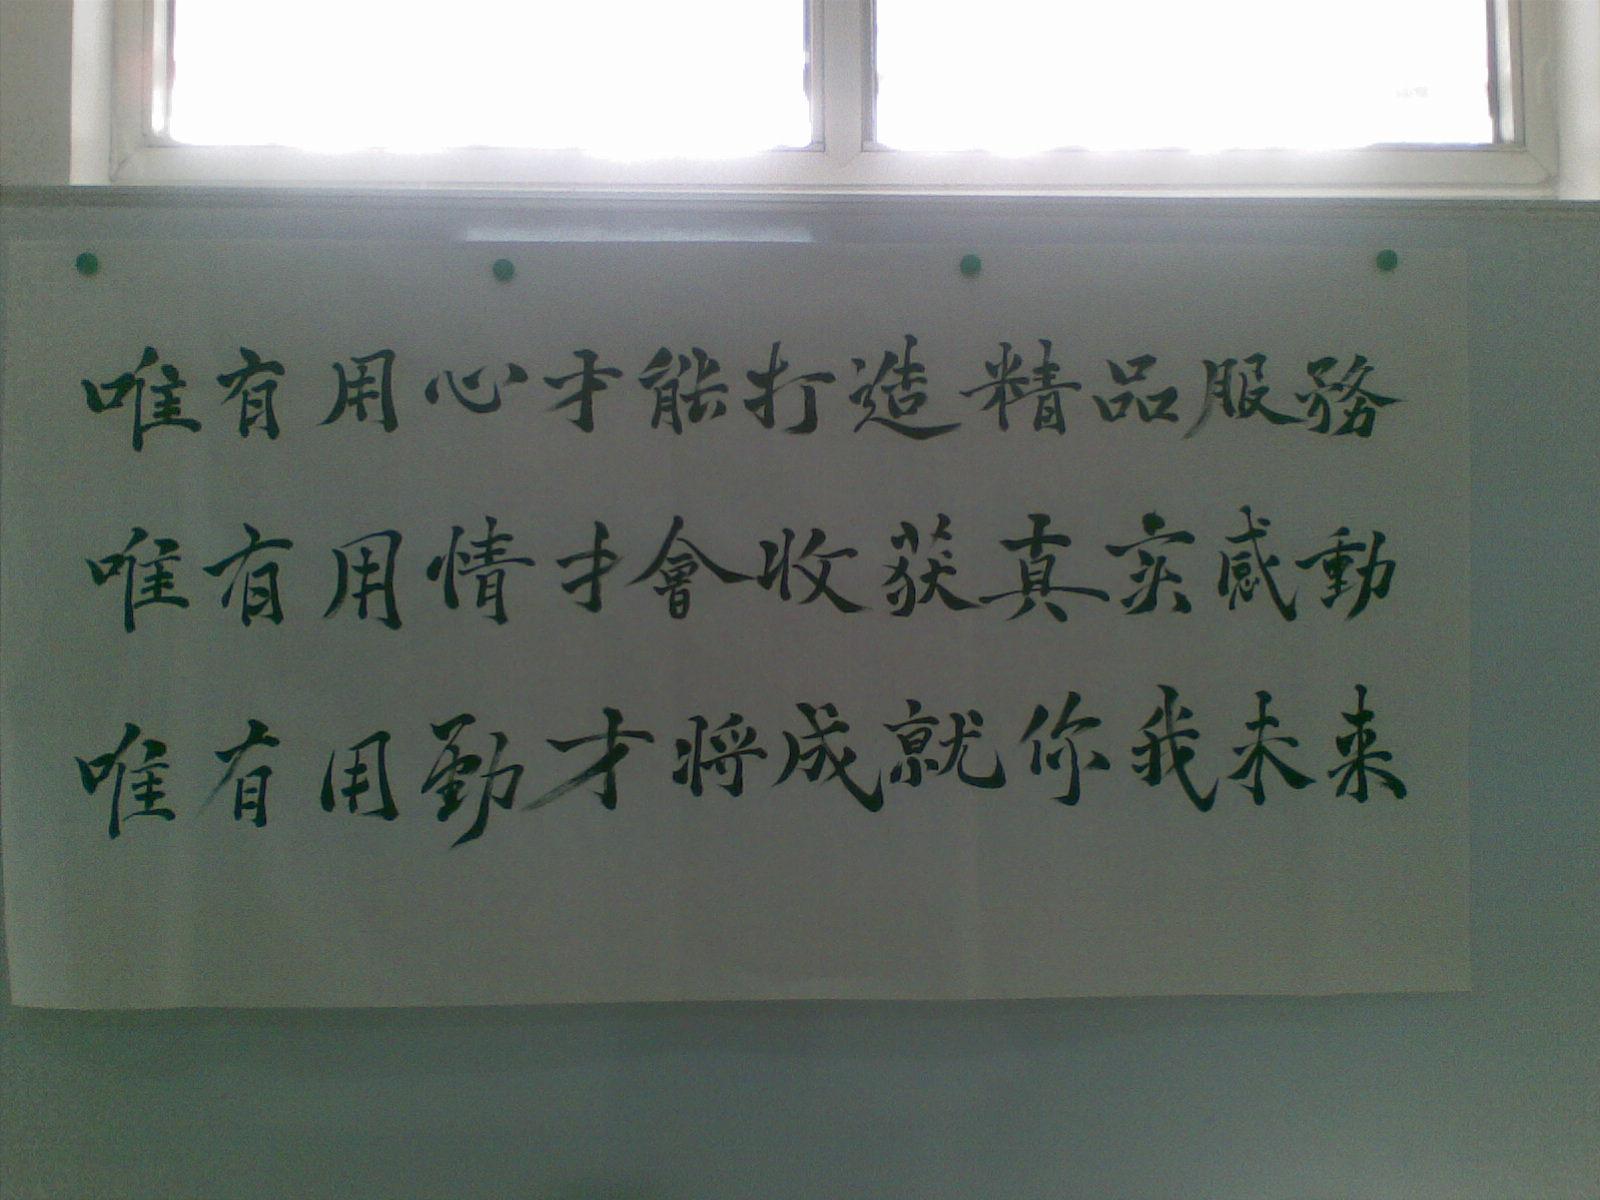 中国梦钢笔书法作品 第11张